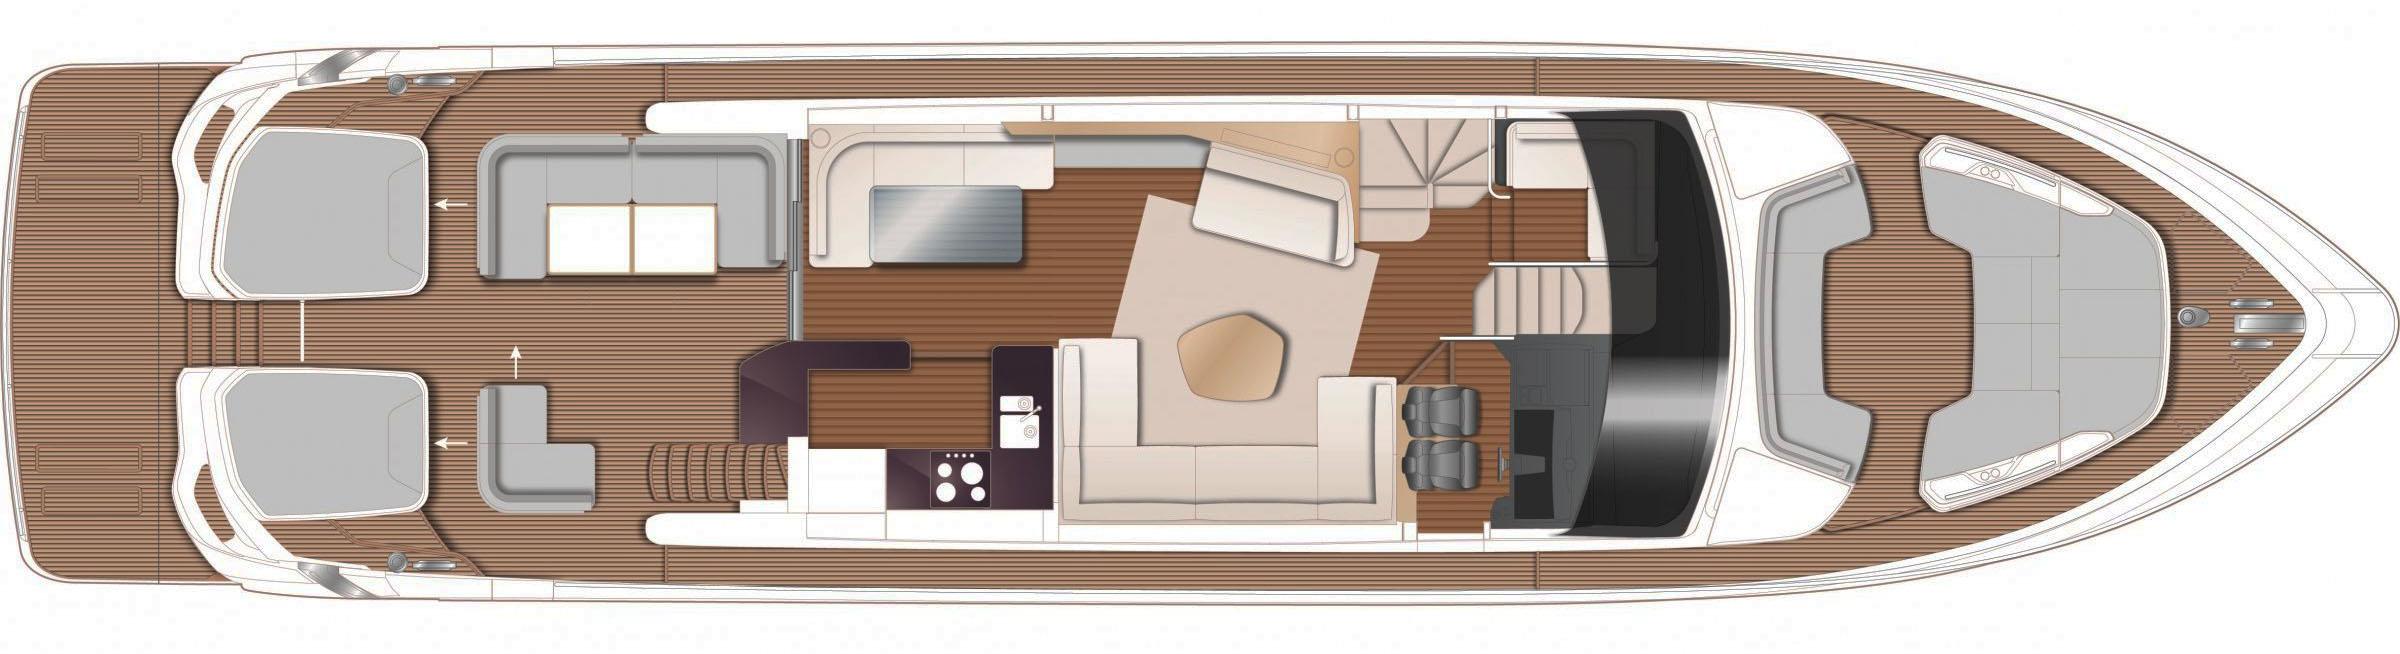 S78 Floor Plan 2